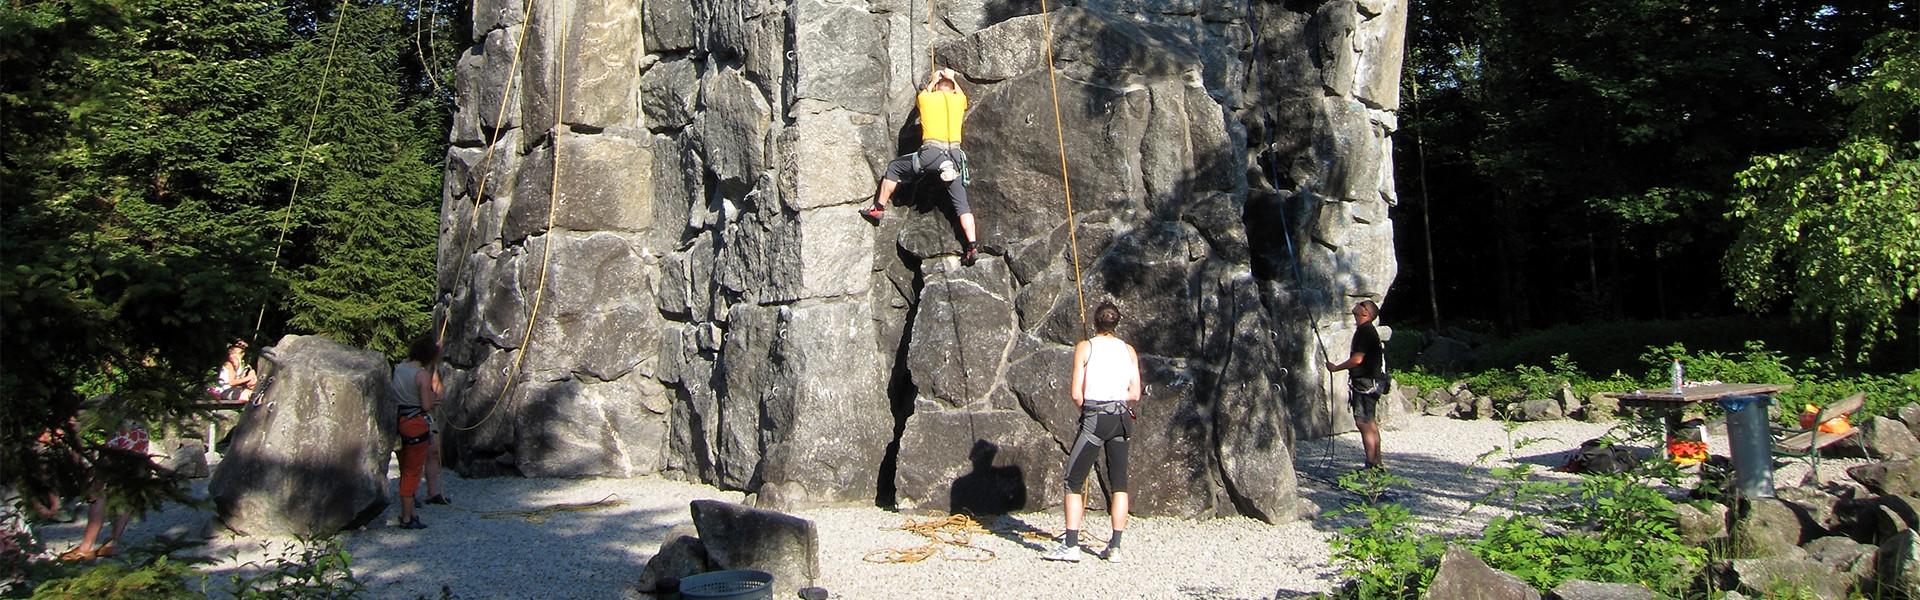 Schnupperklettern Rif Sportzentrum